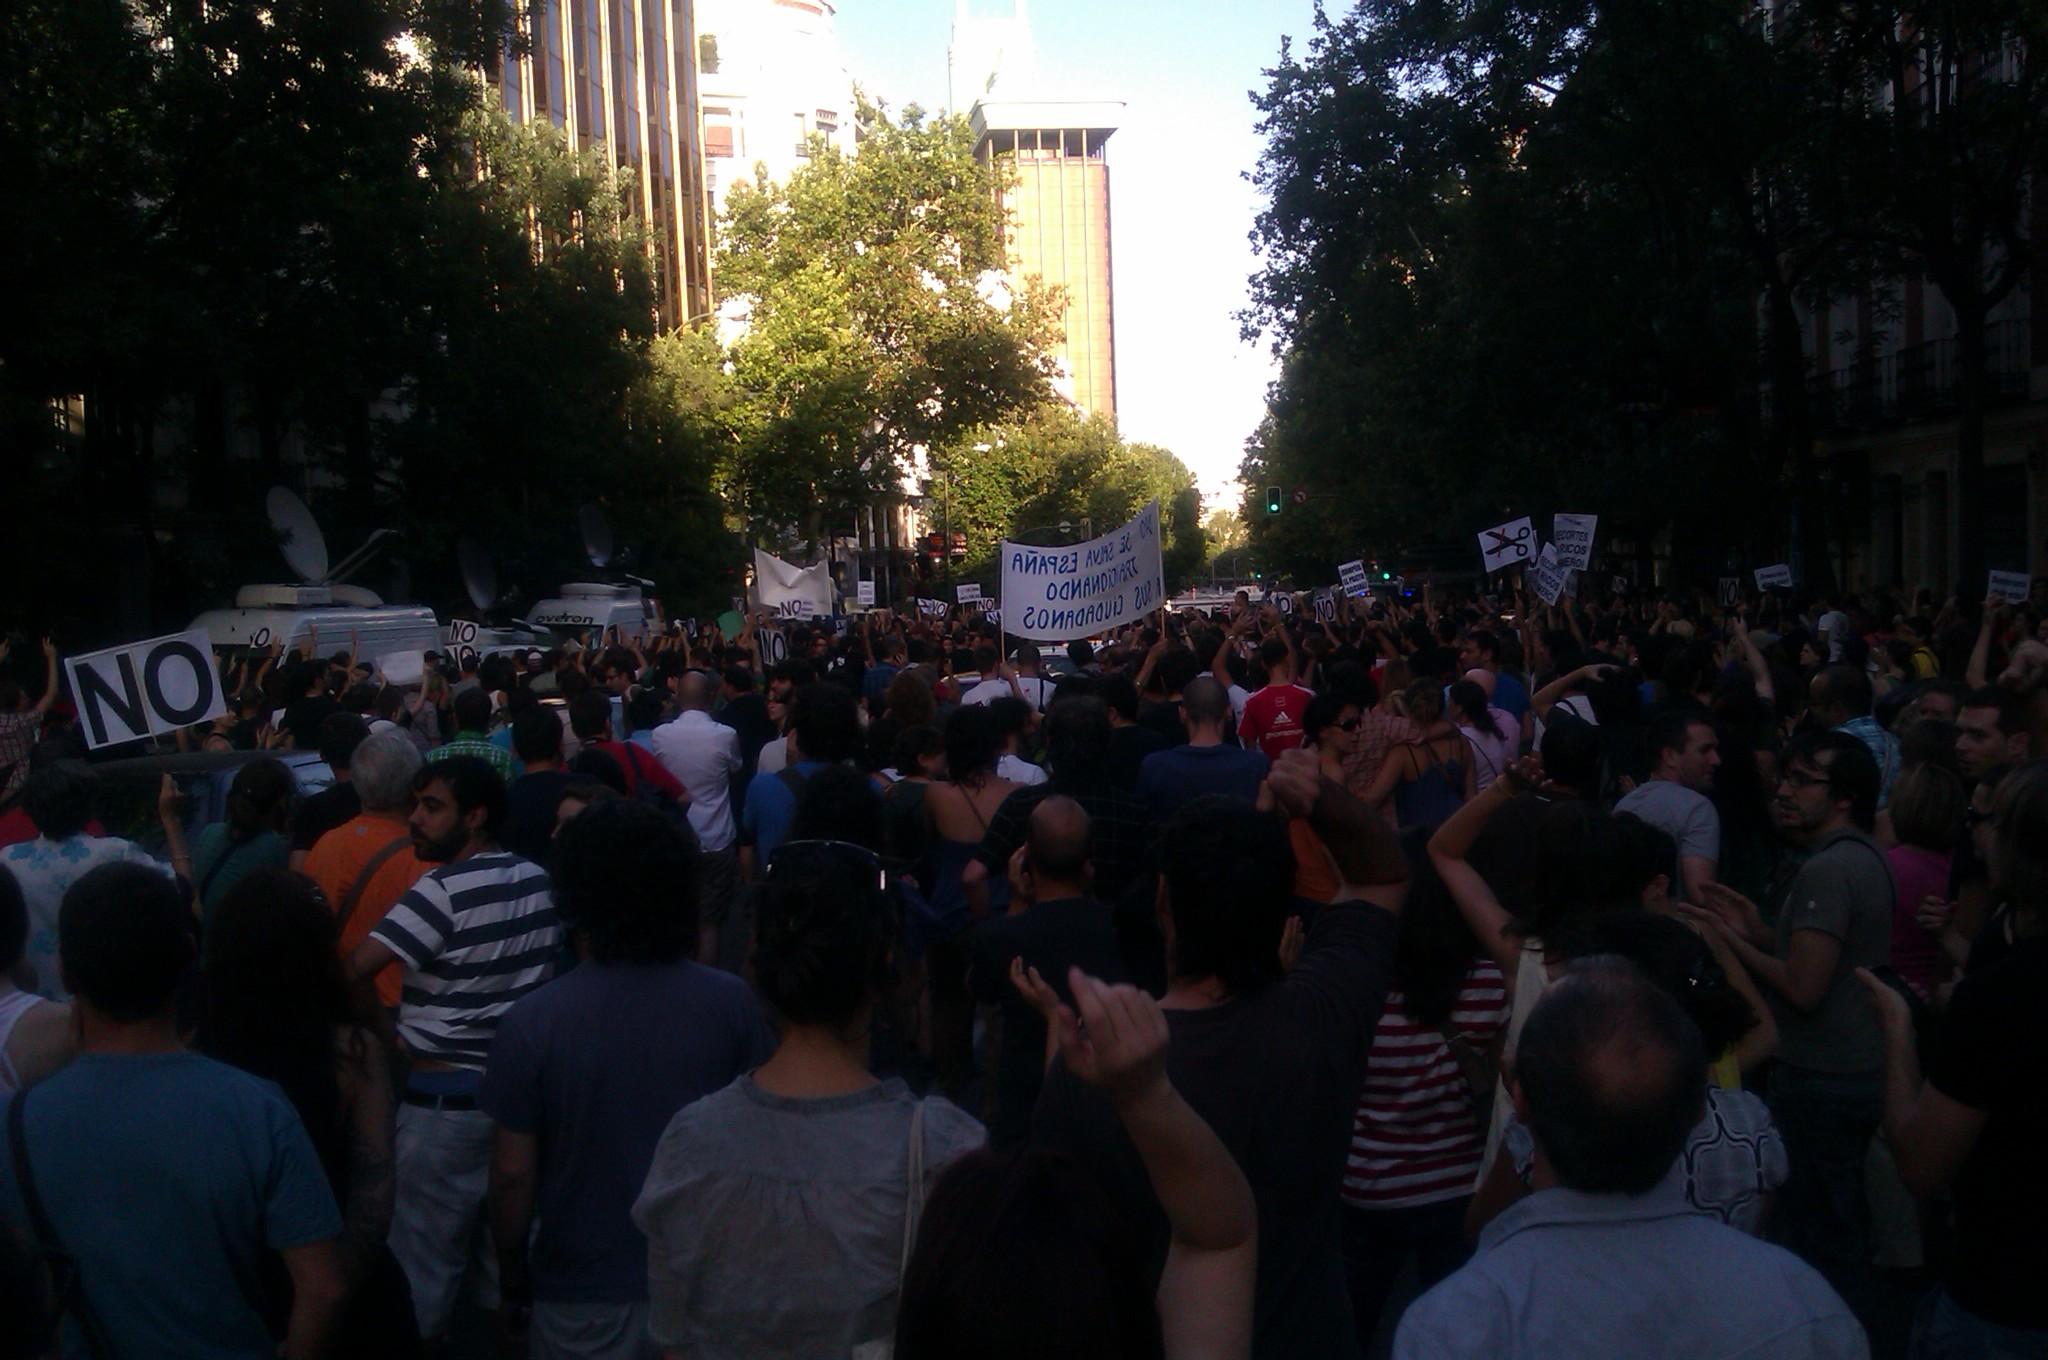 RT @RocioRBS: Cortada Génova completamente y un momento de tensión con la gente corriendo hace 2 minutos. #alacalle #quesejodan http://t ...